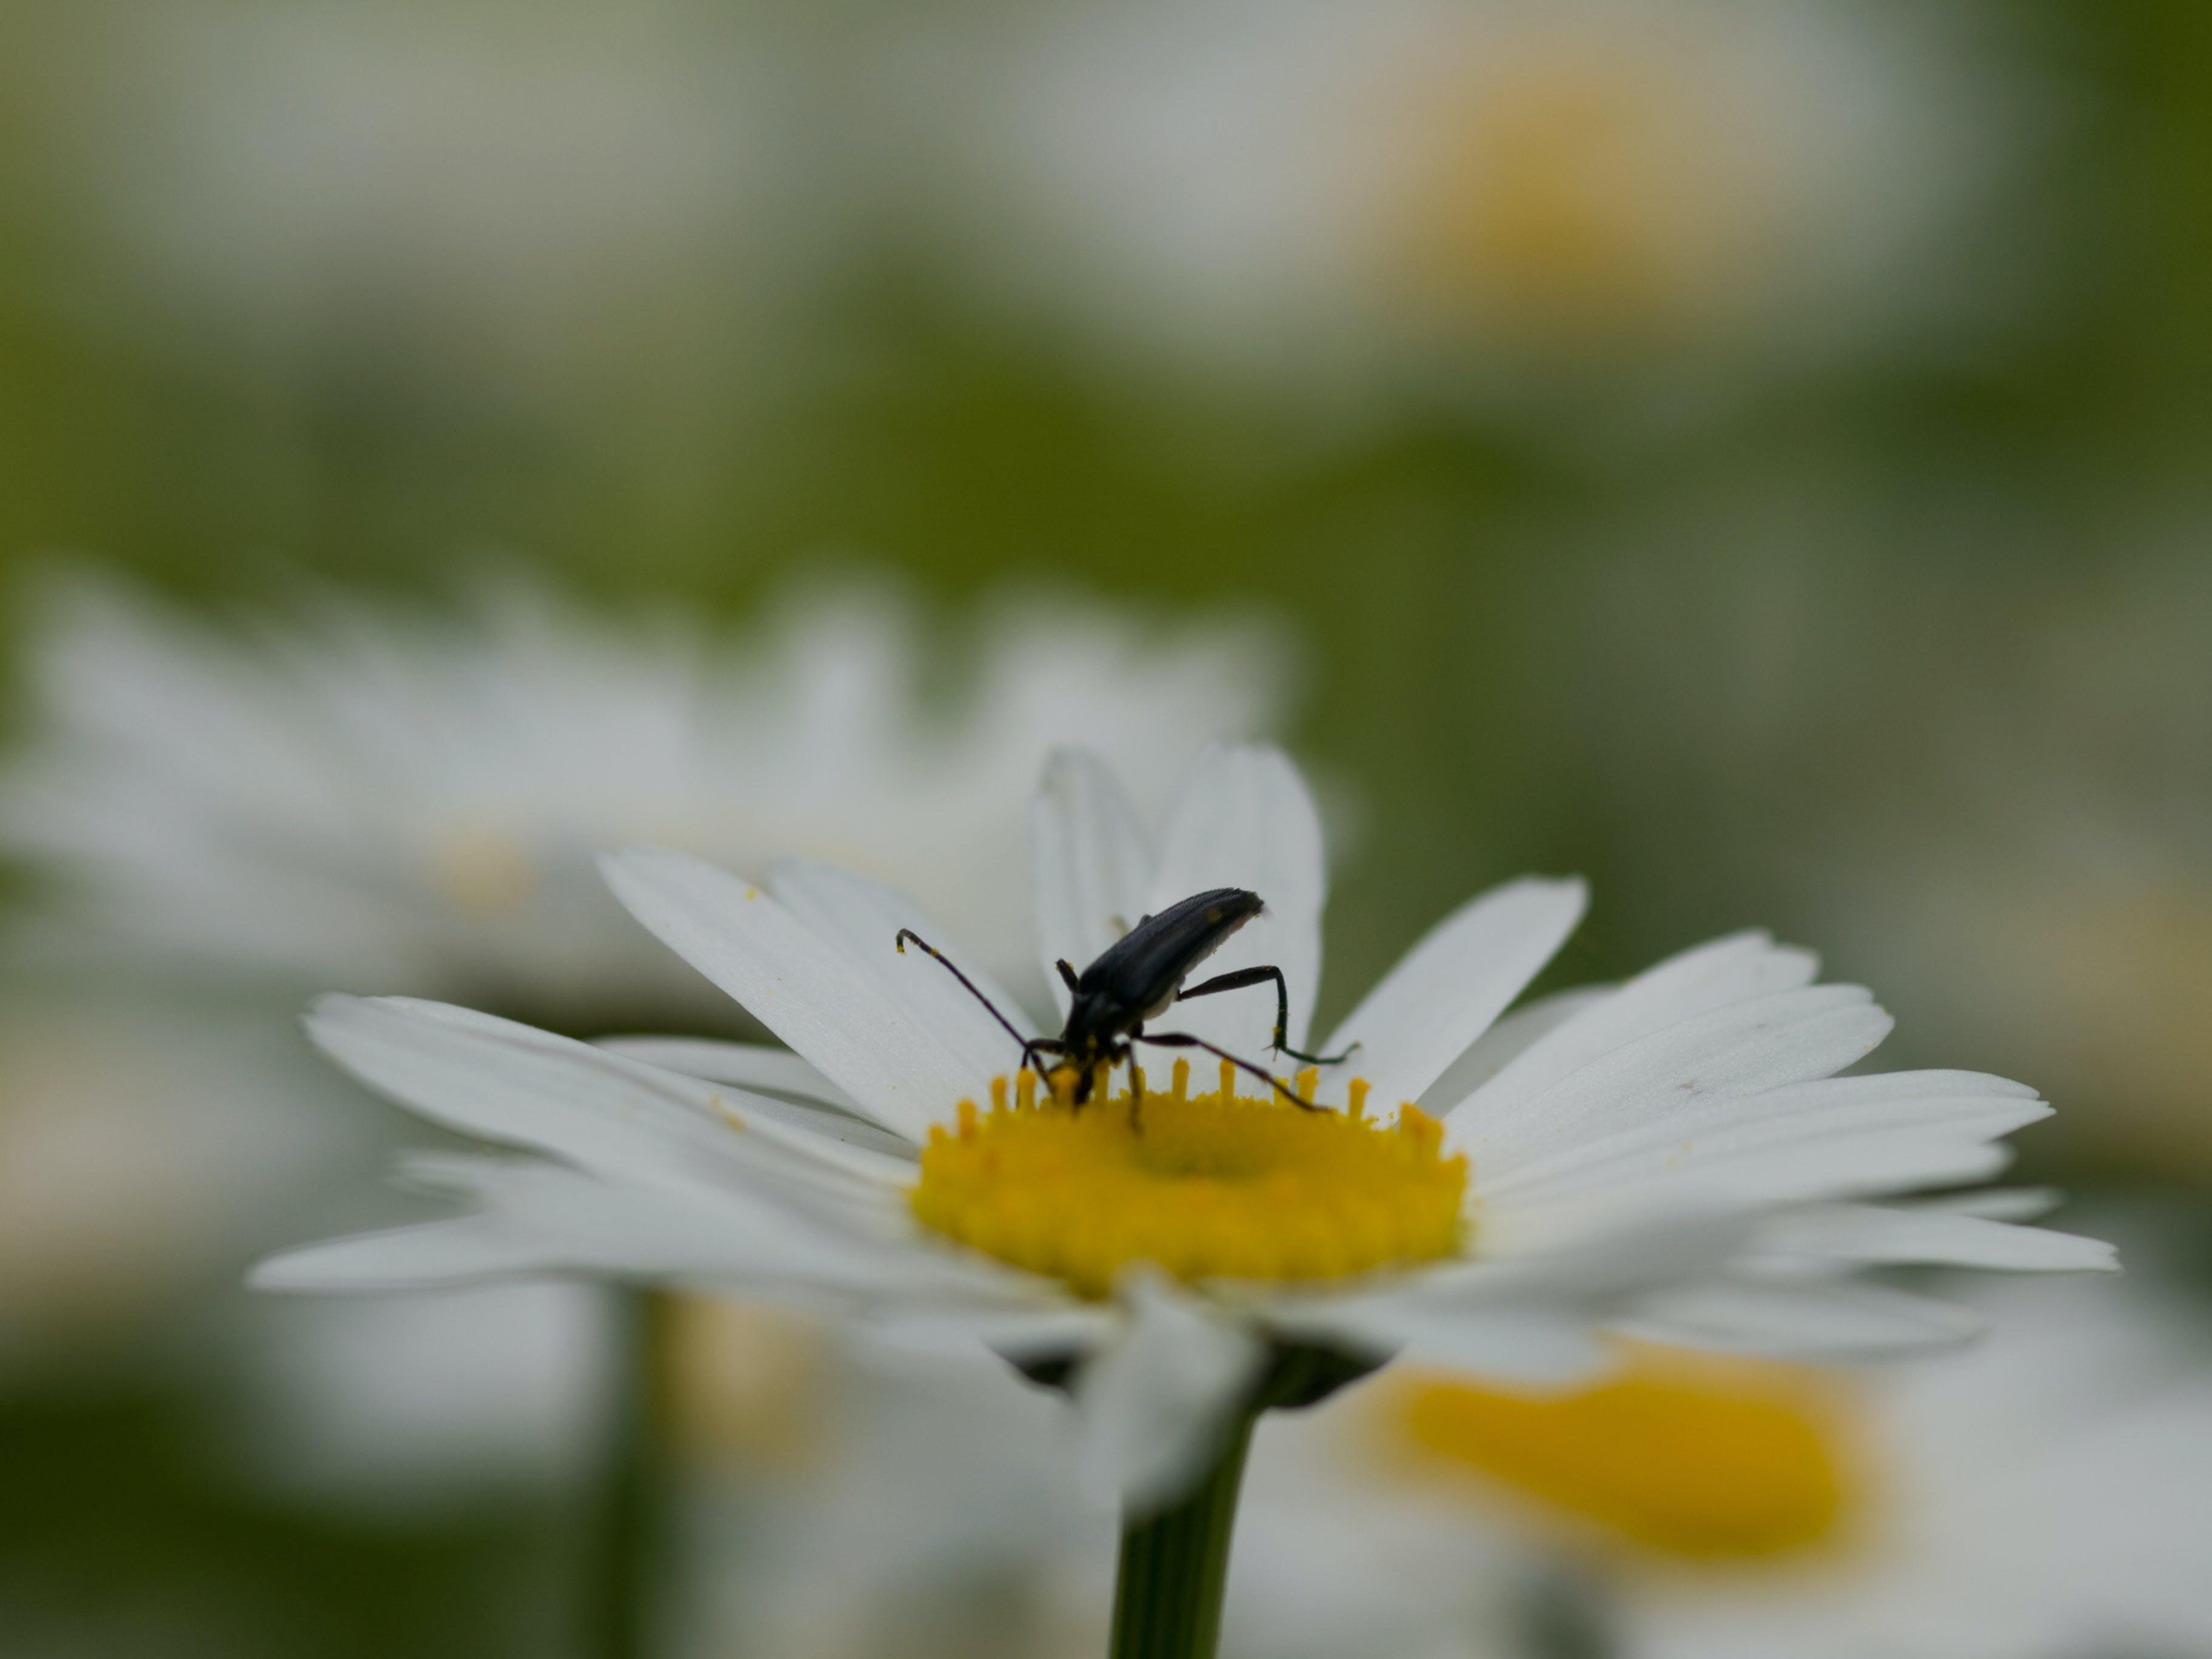 Fotos de stock gratuitas de amarillo, Beetle, blanco, desenfocado